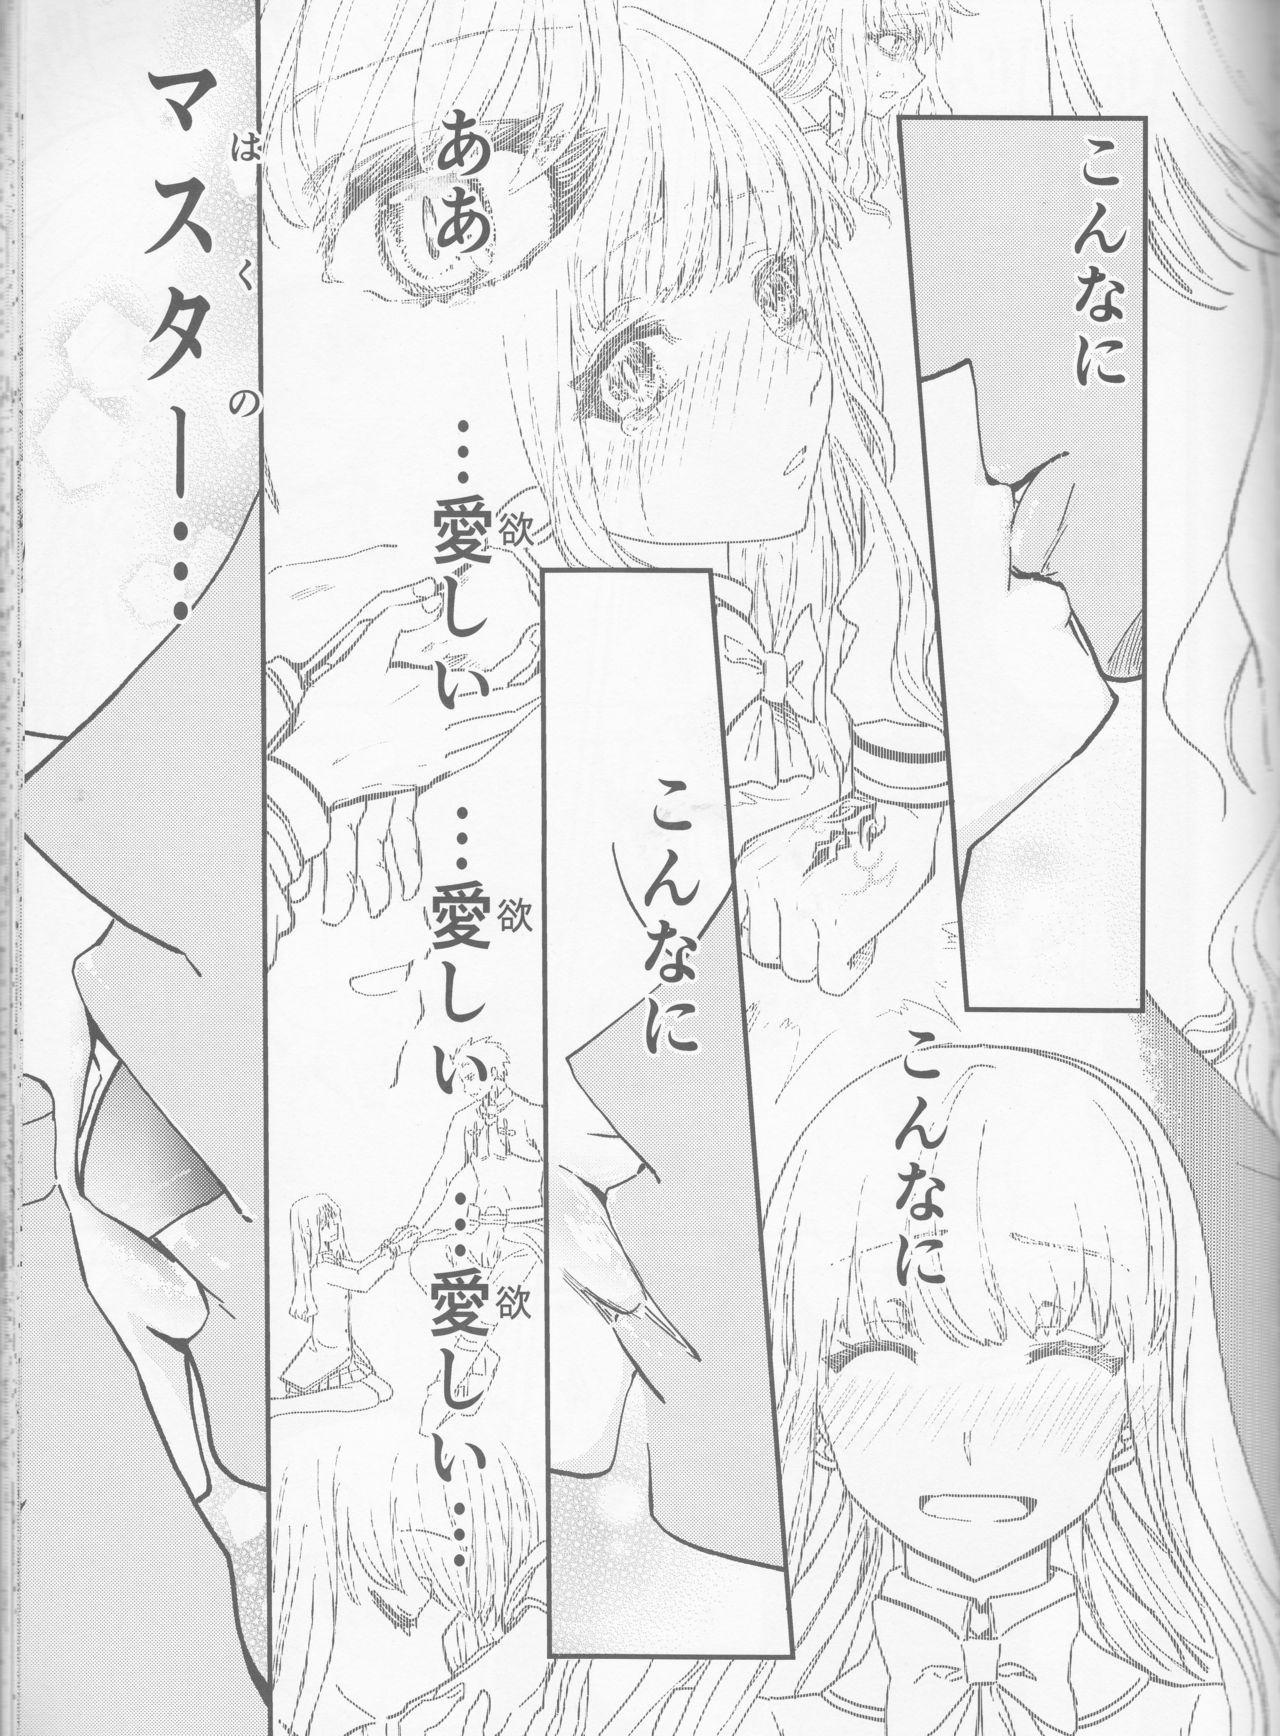 Hokenshitsu Eve Jiriki de Yarasete Kudasai Onegaishimasu 15